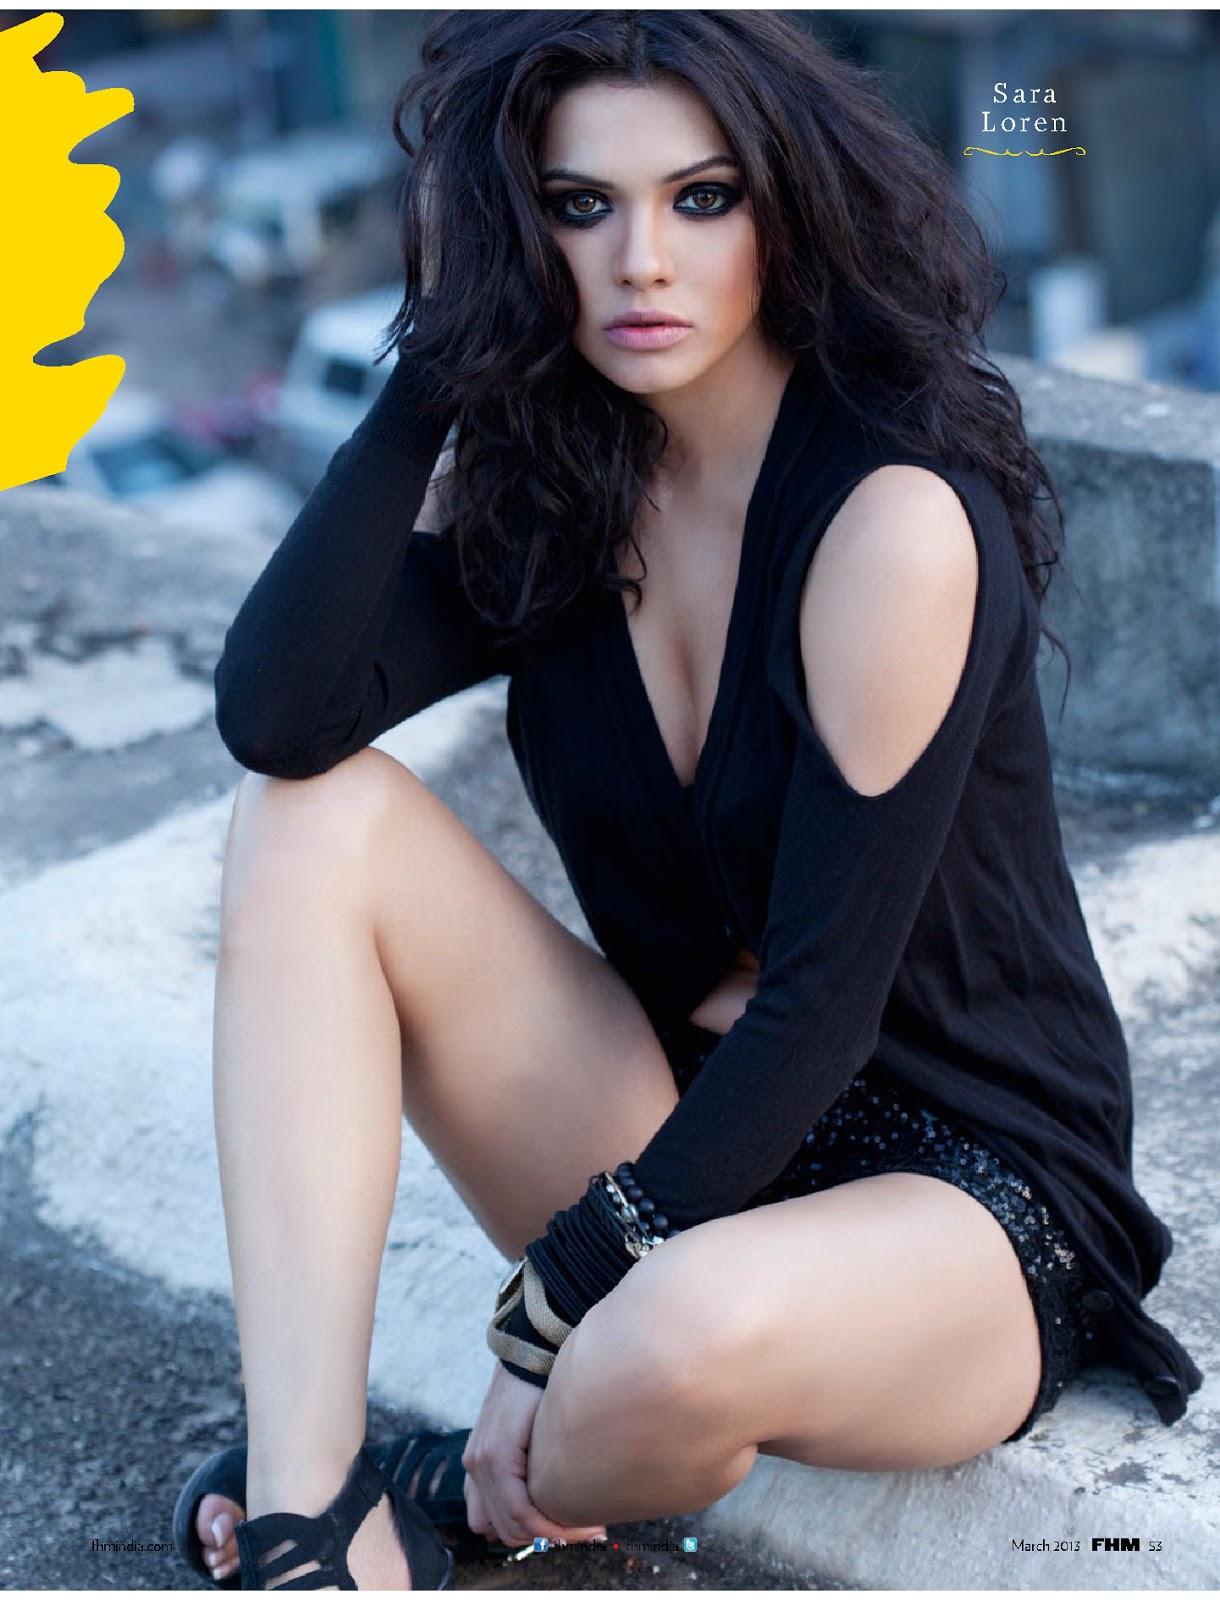 Babe hot pakistani sexy